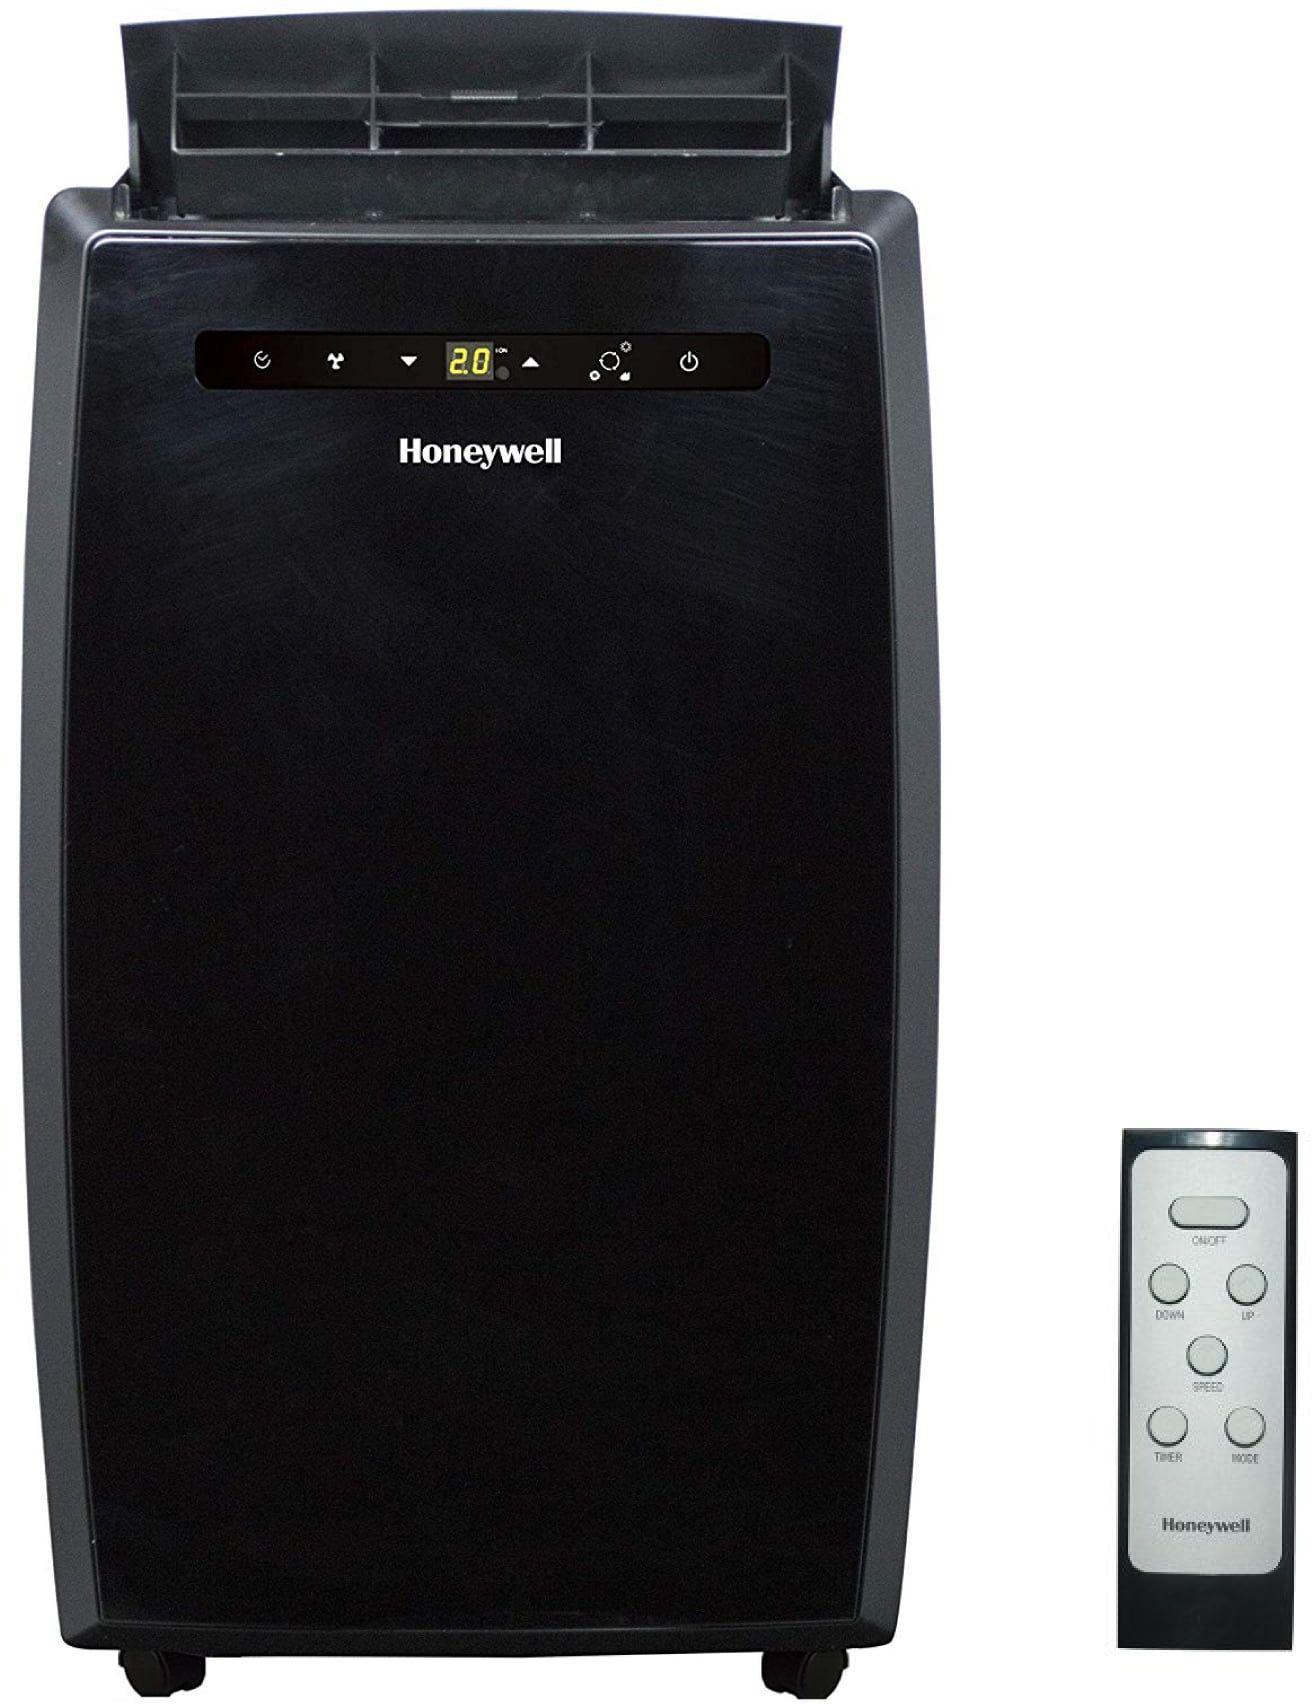 Klimatyzator przenośny Honeywell MN12CESBB 3 funkcje- chłodzenie, osuszanie, wentylacja; 3,5 kW